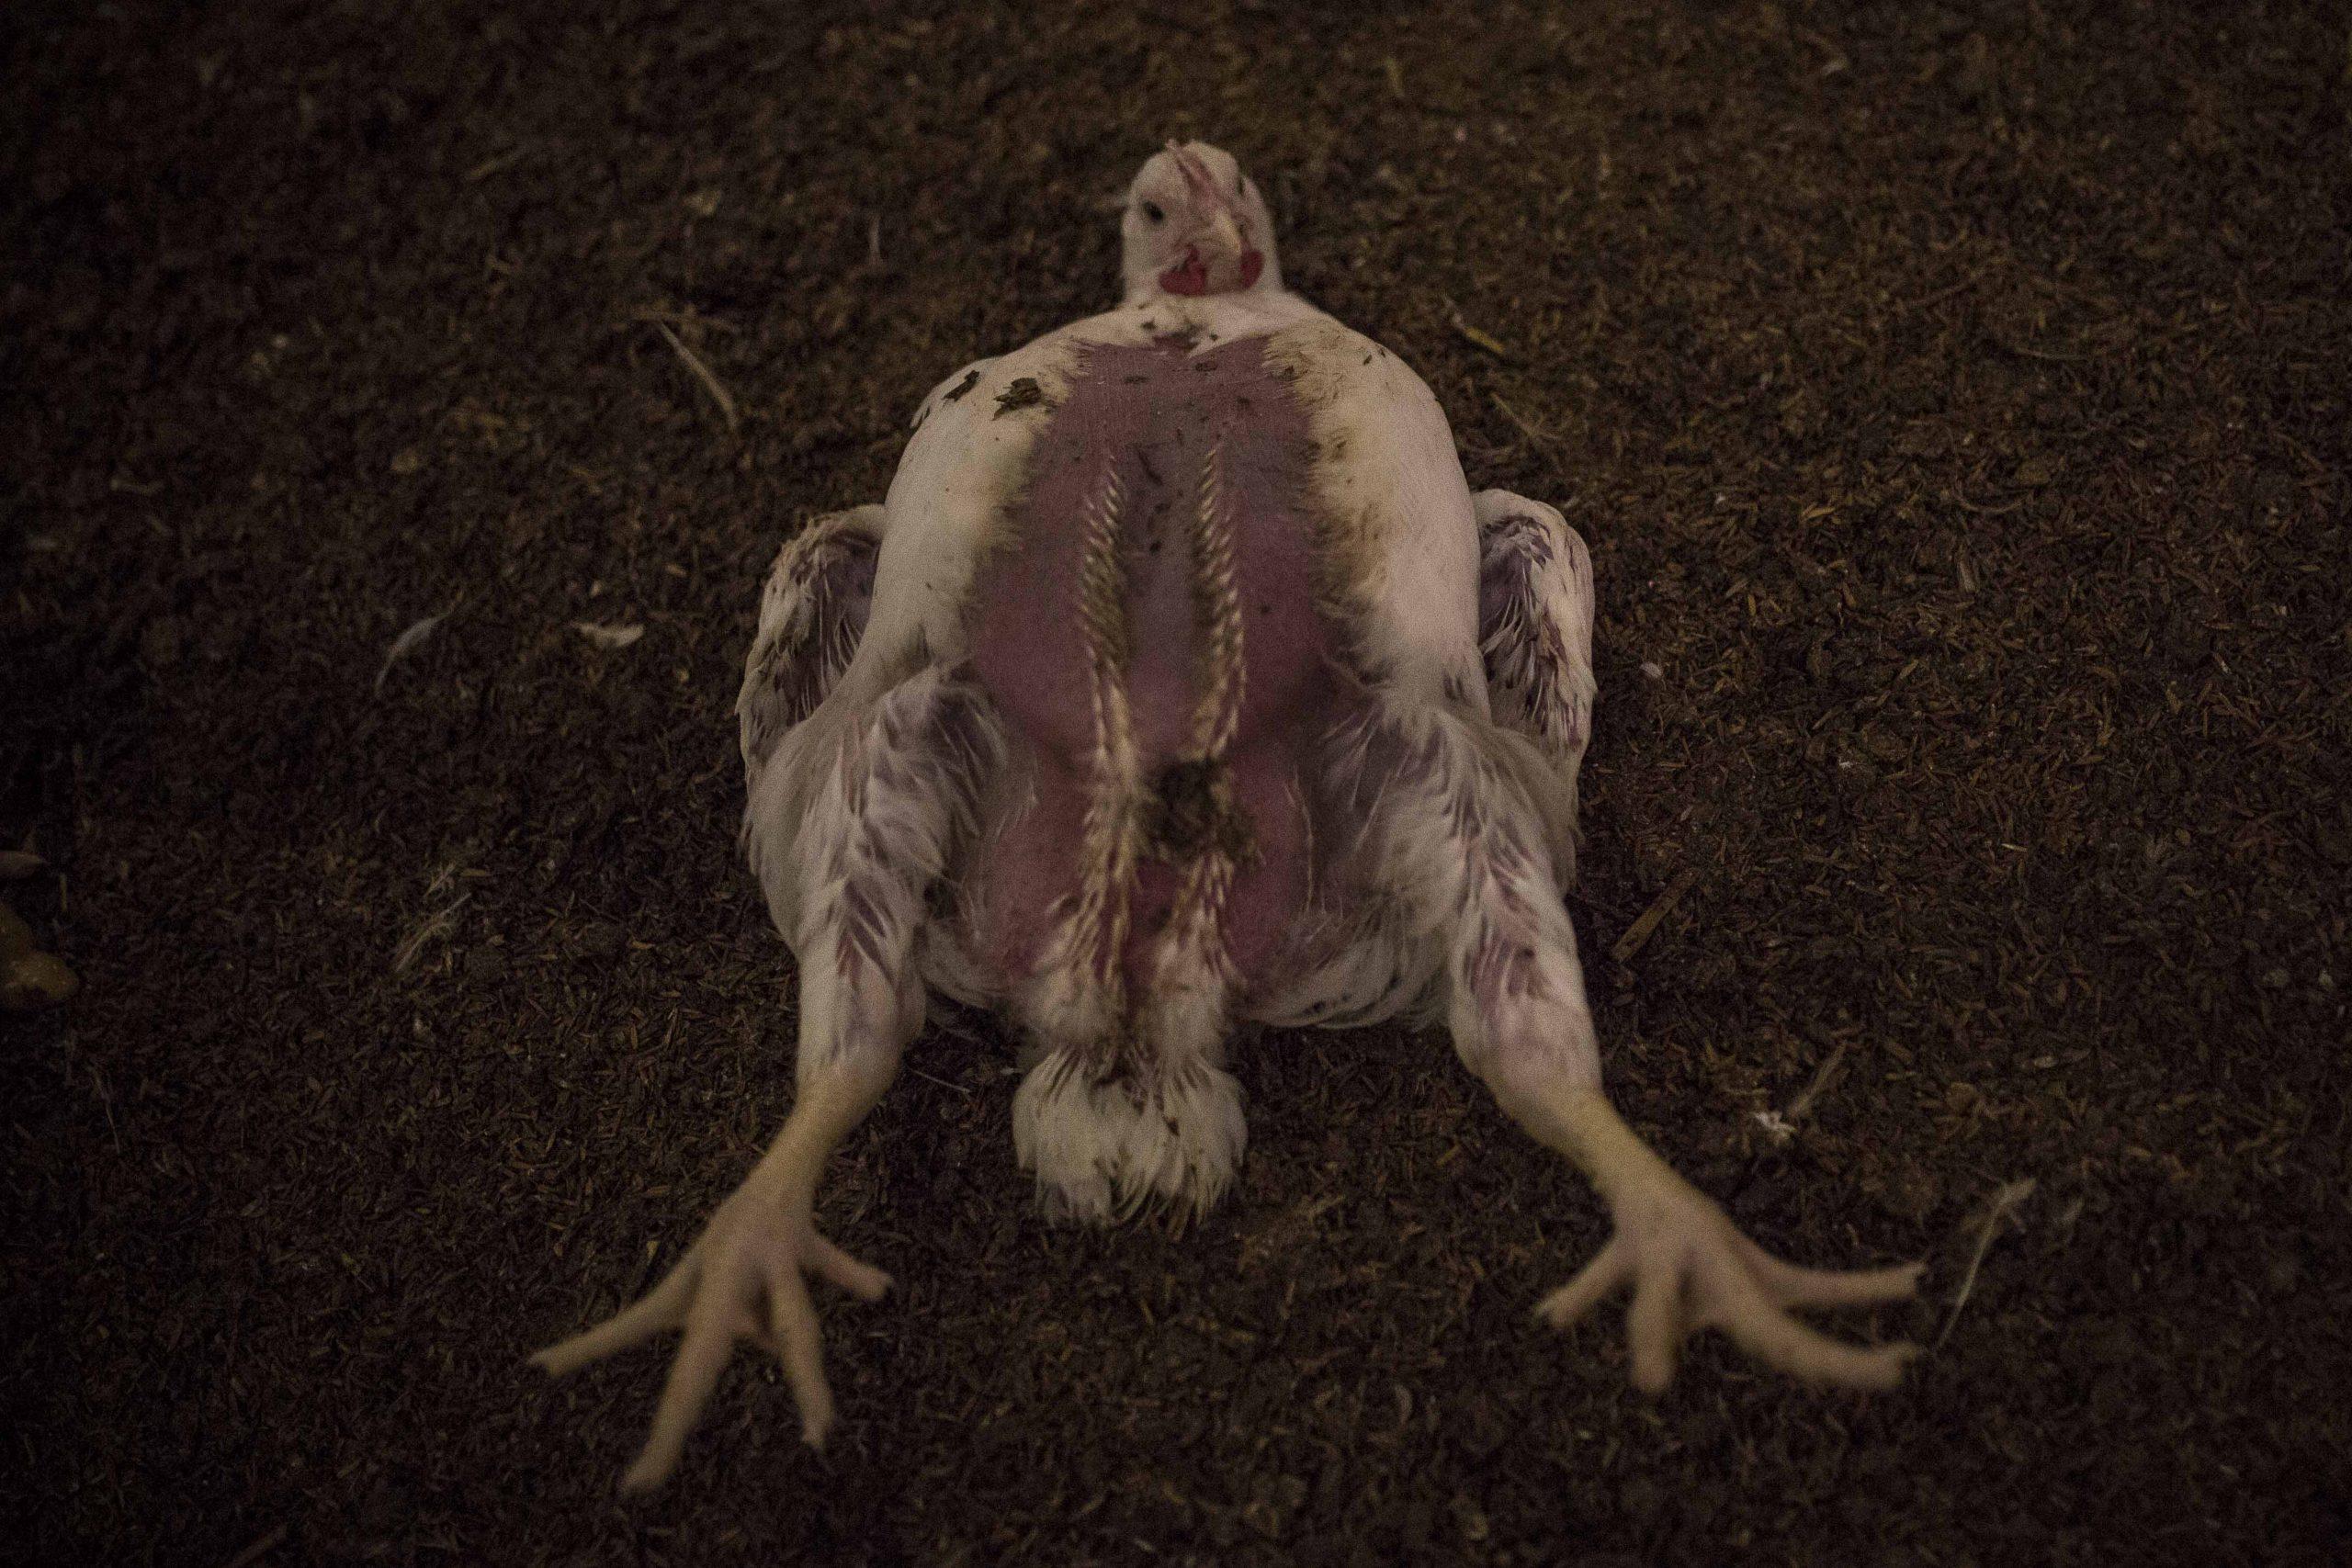 Imagen de un pollo enfermo y agonizante en la granja avícola donde se realizó la investigación de Igualdad Animal y Público. JAIRO VARGAS